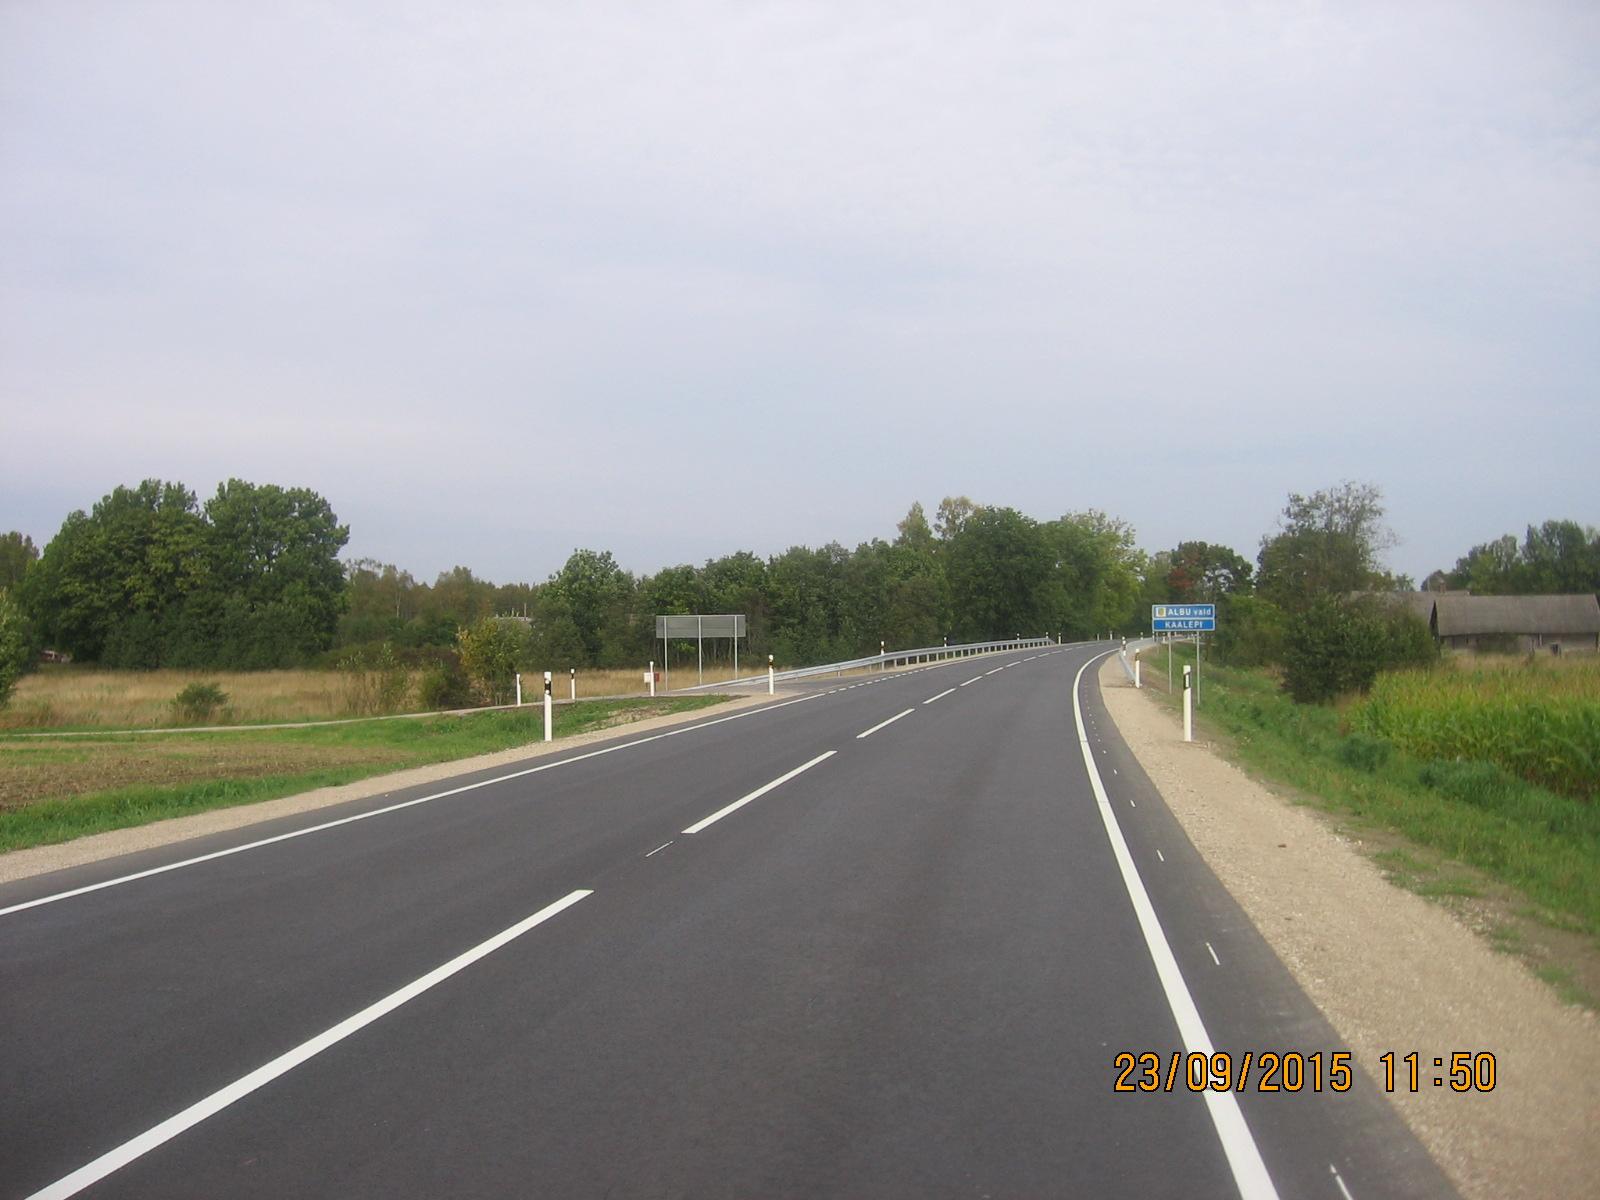 Põhimaantee 5 Pärnu–Rakvere–Sõmeru, Roosna-Alliku–Ahula lõigu (km 110,8-120,7) rekonstrueerimise omanikujärelevalve